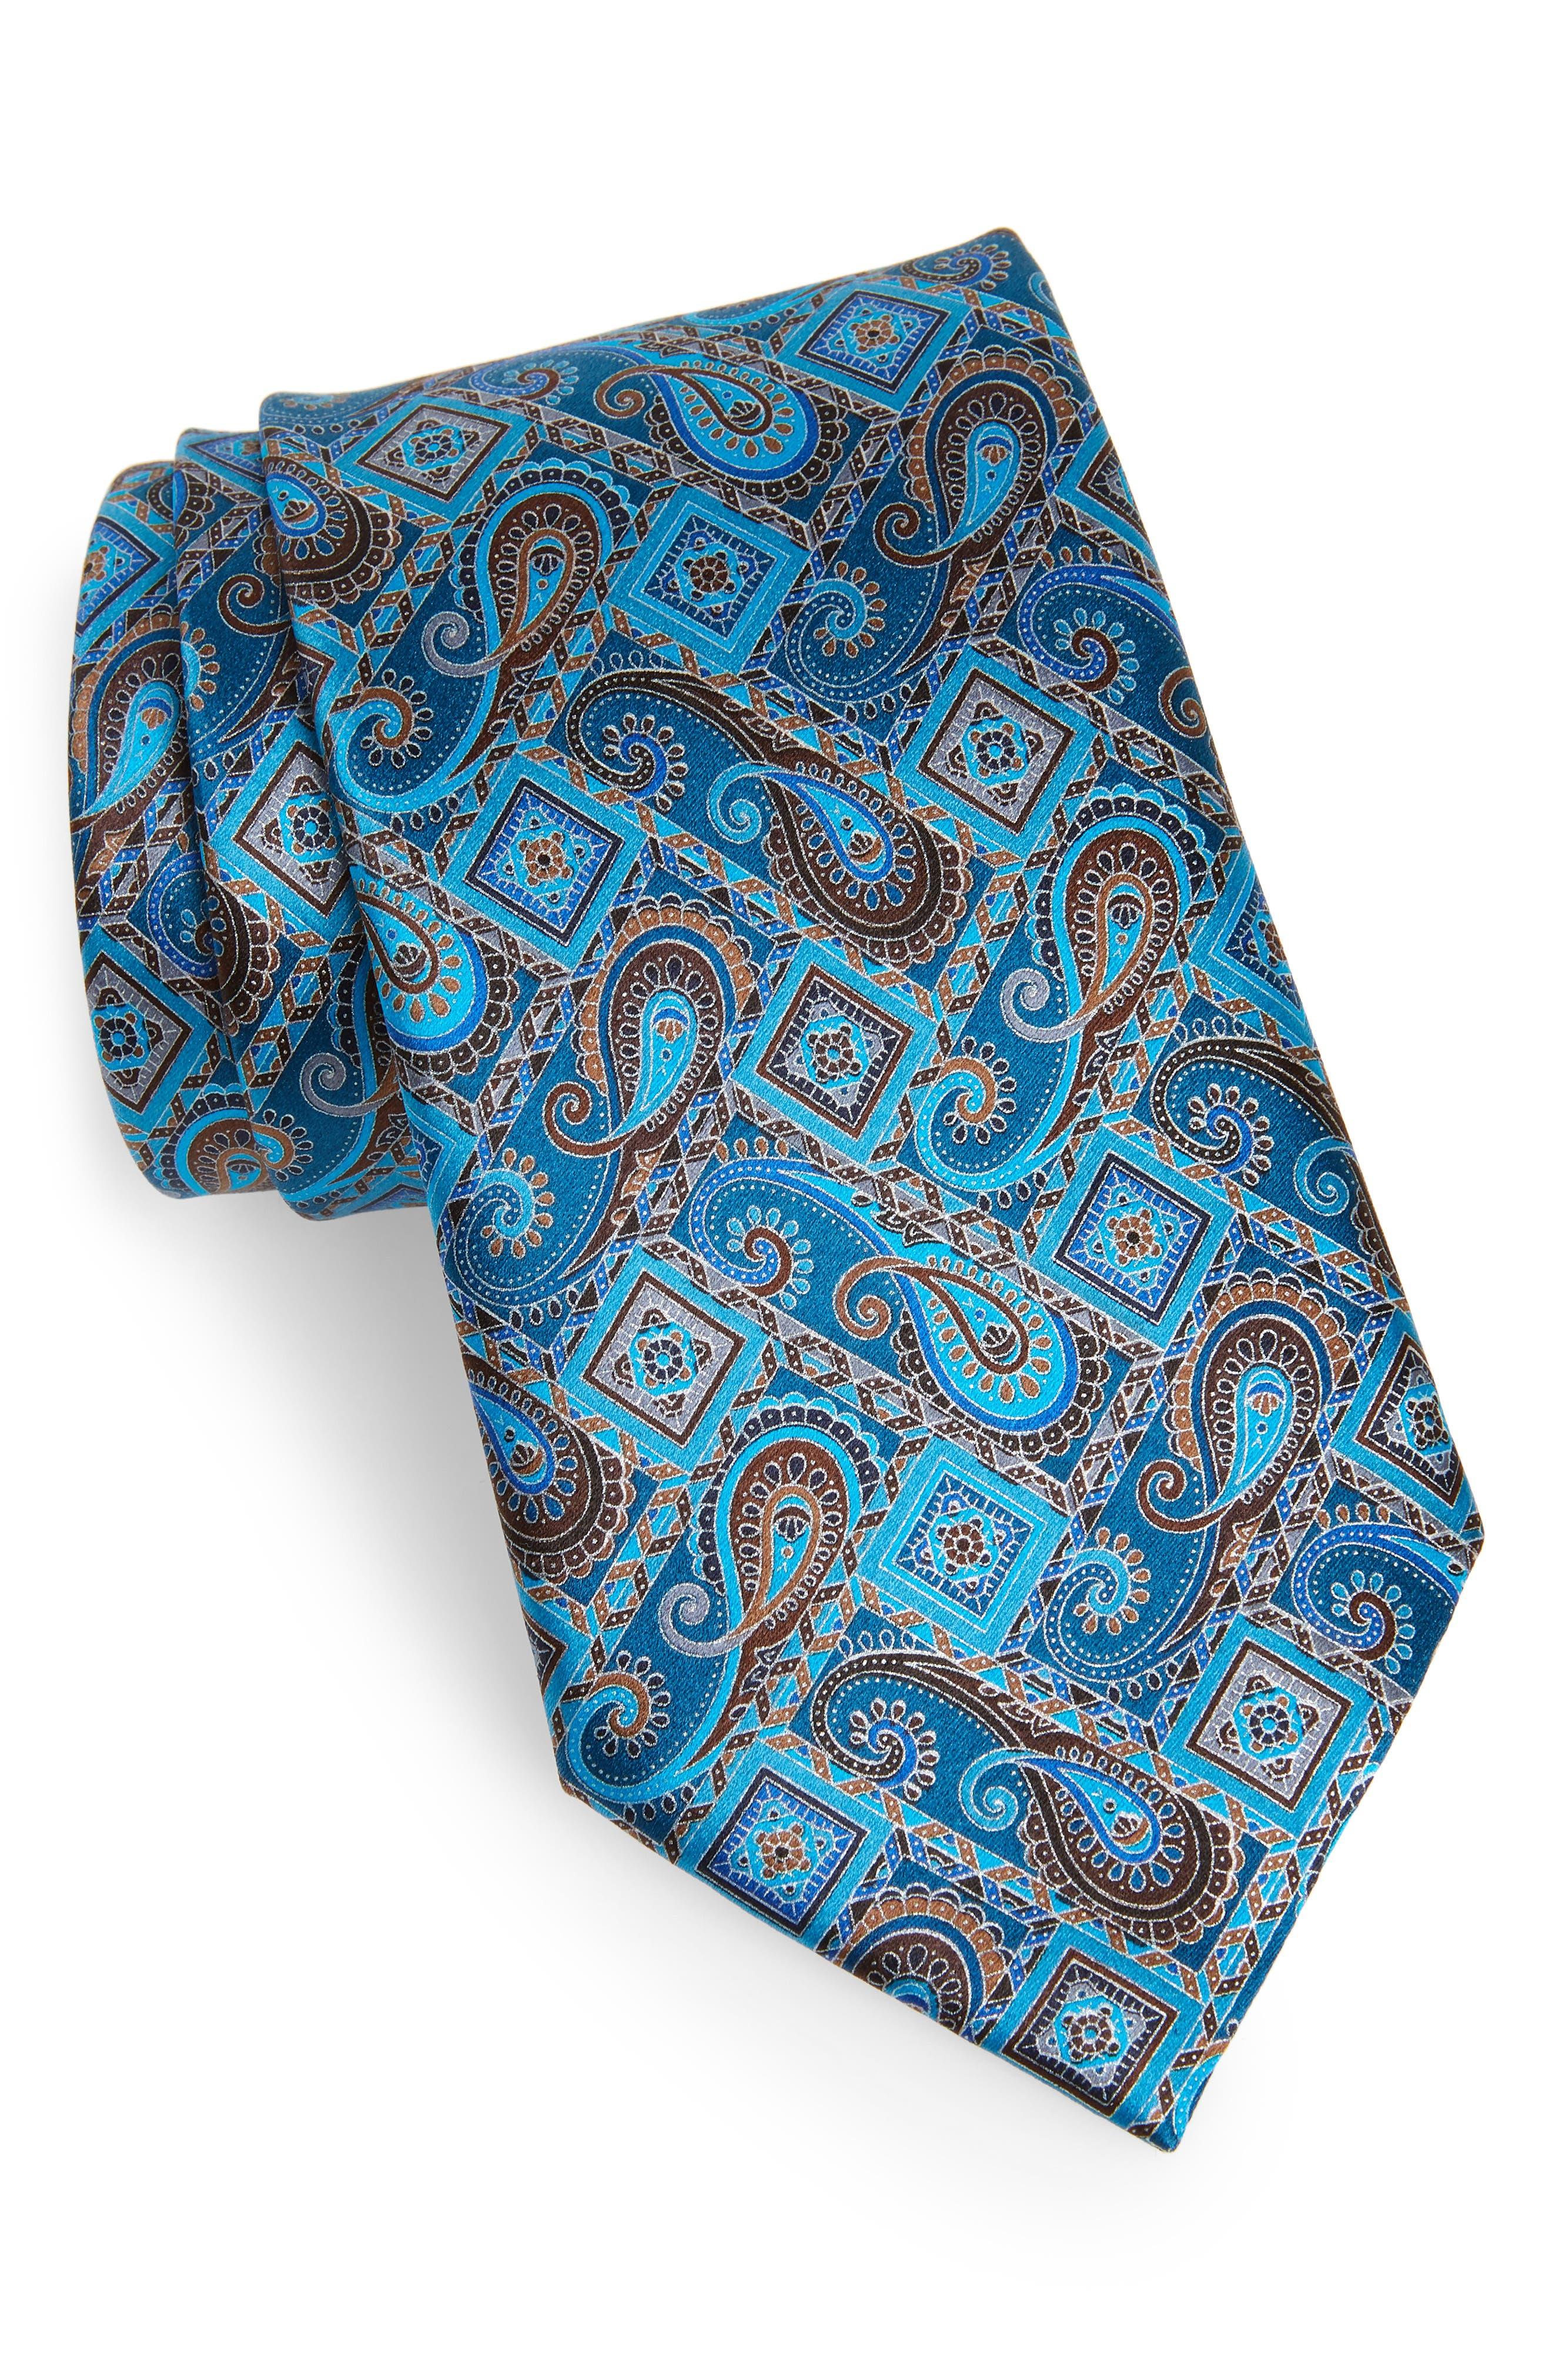 ERMENEGILDO ZEGNA, Quindici + Quindici Paisley Silk Tie, Main thumbnail 1, color, BLUE